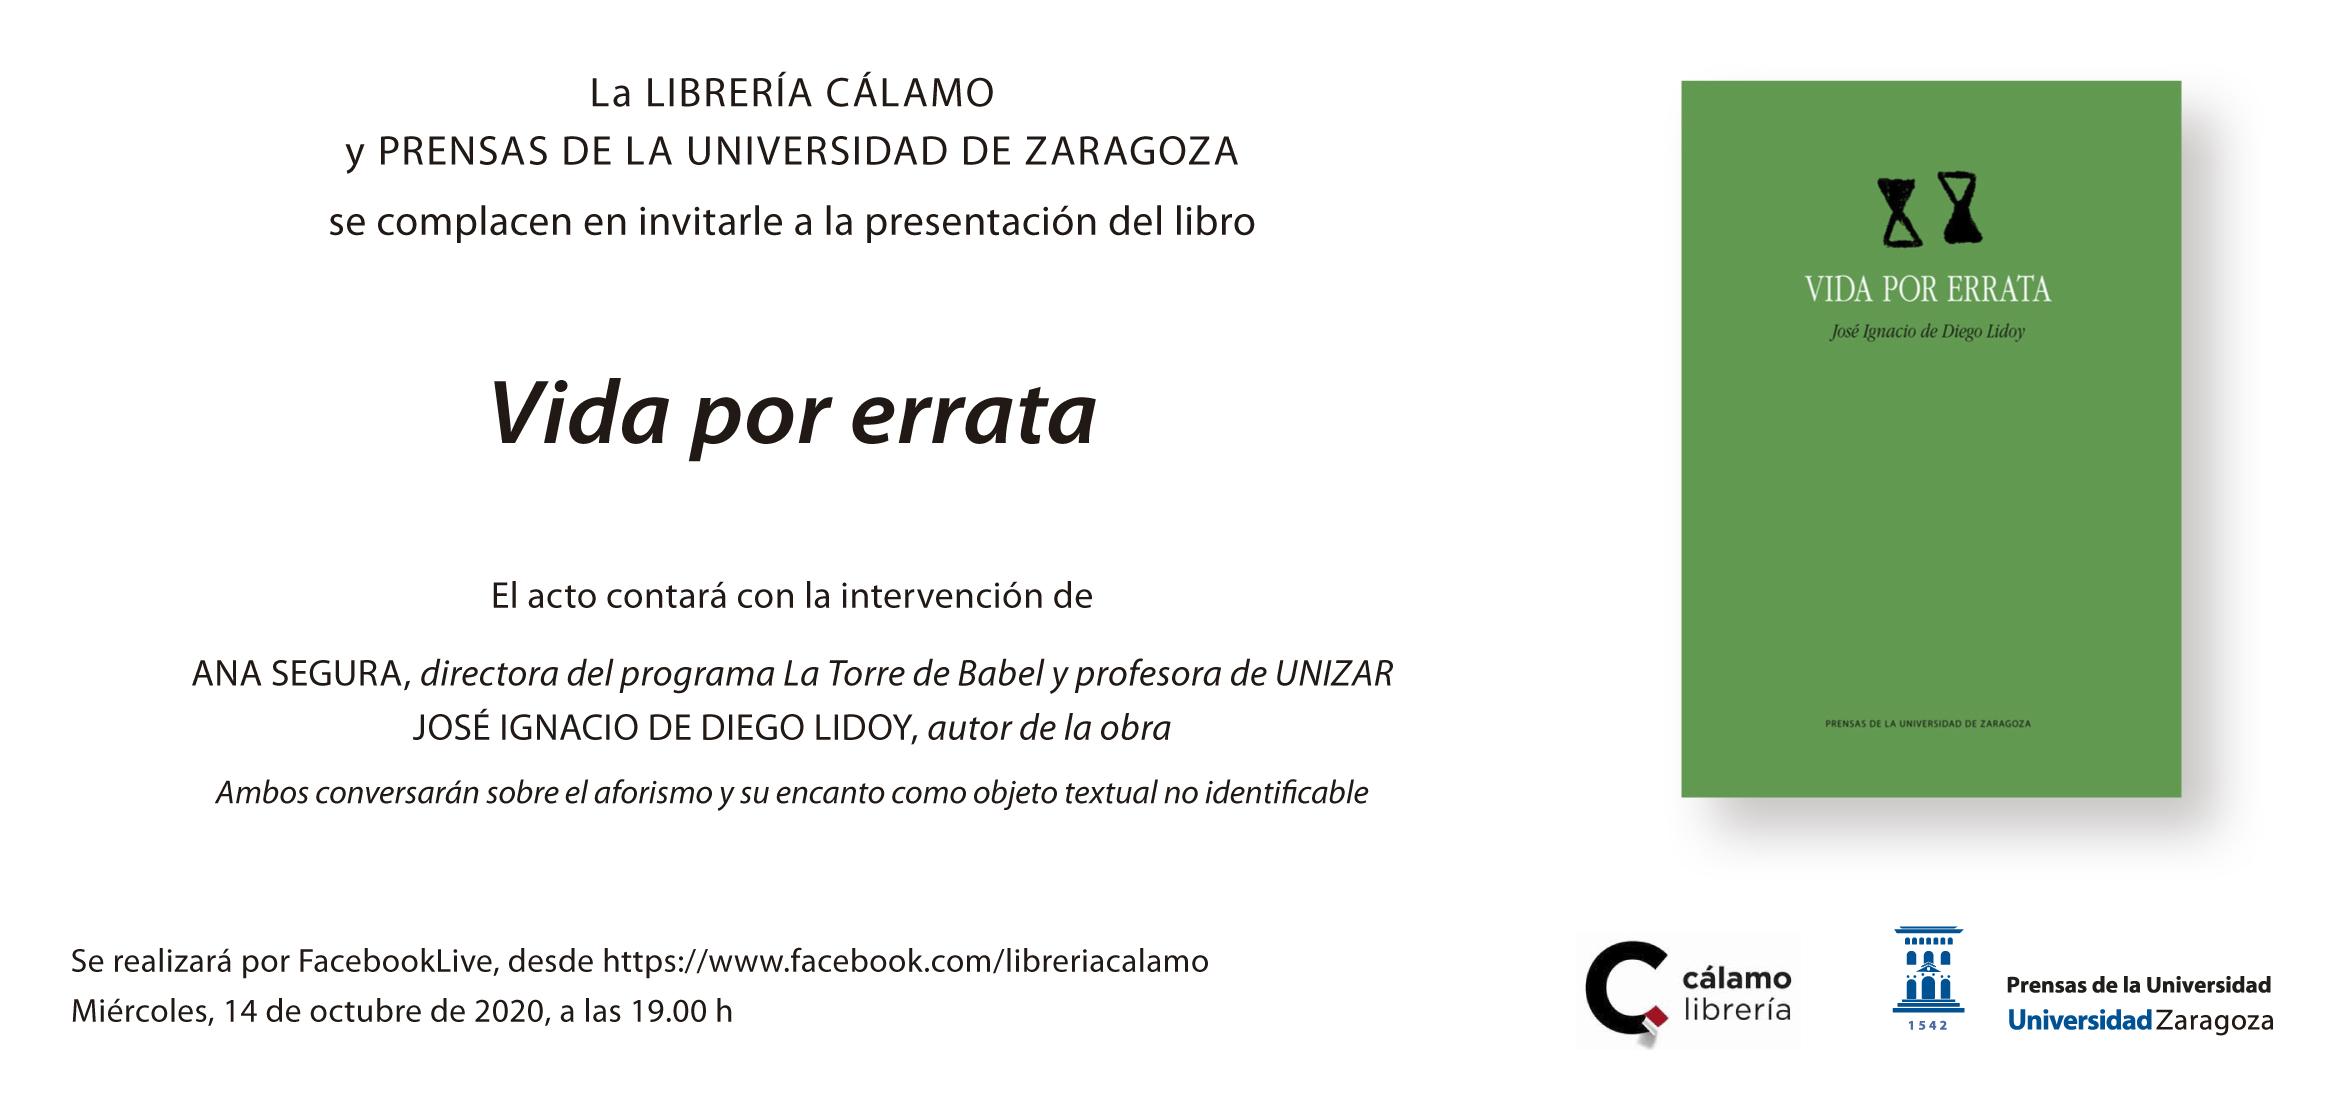 vidaPORerrataCALAMO6.jpg